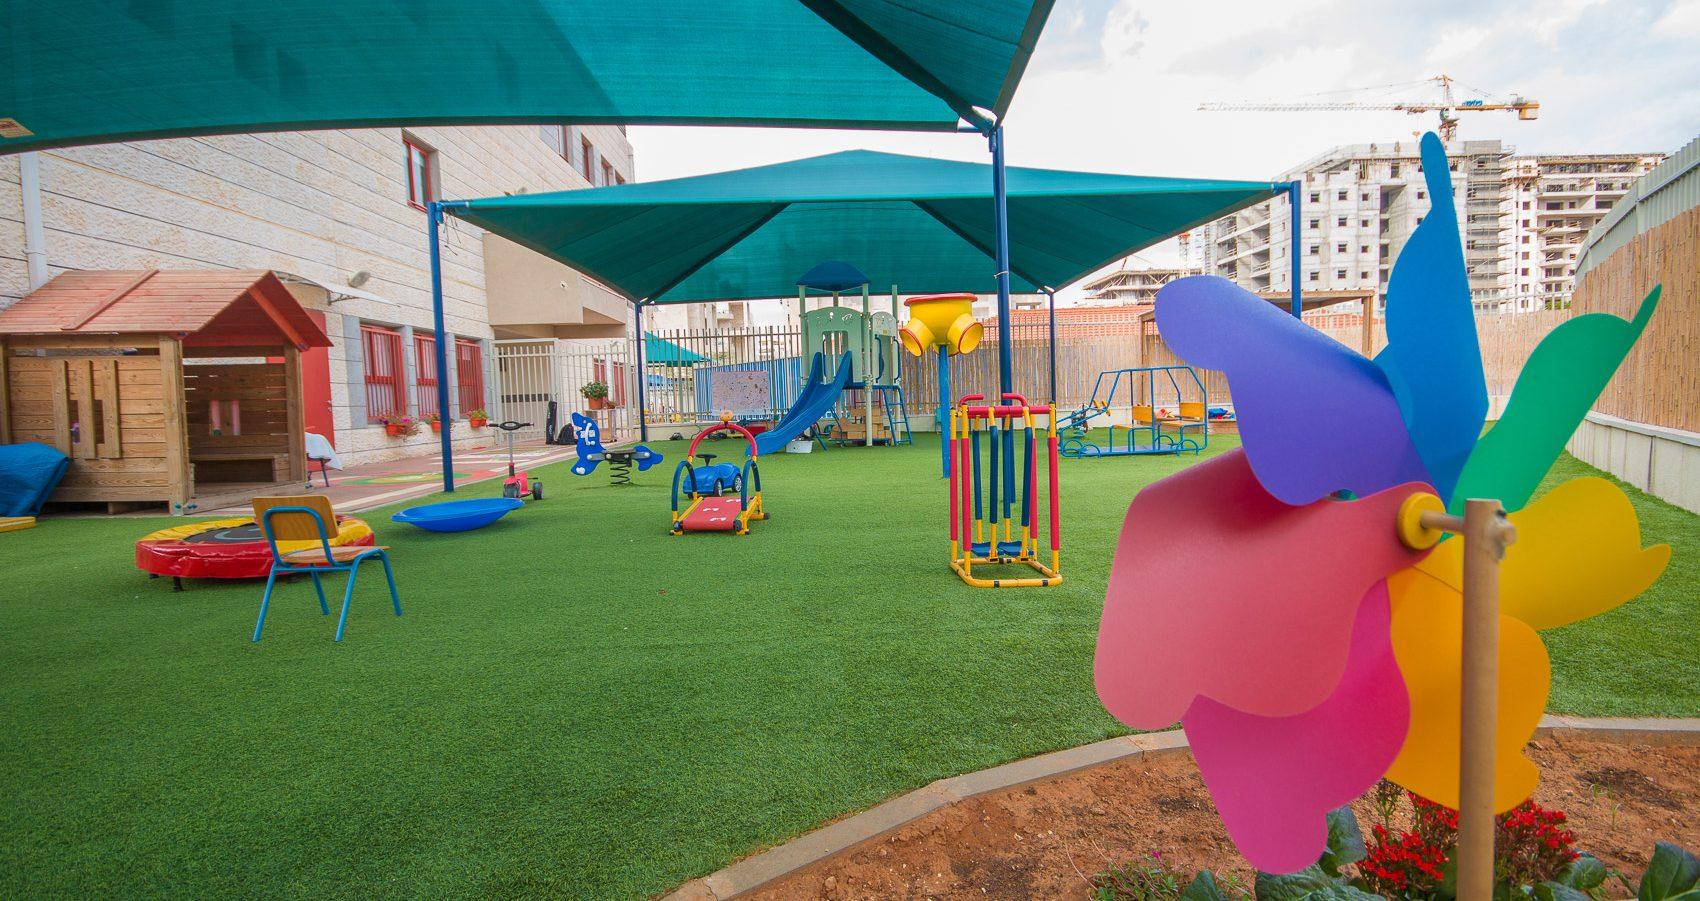 גן ילדים בפתח תקוה. צילום באדיבות העירייה